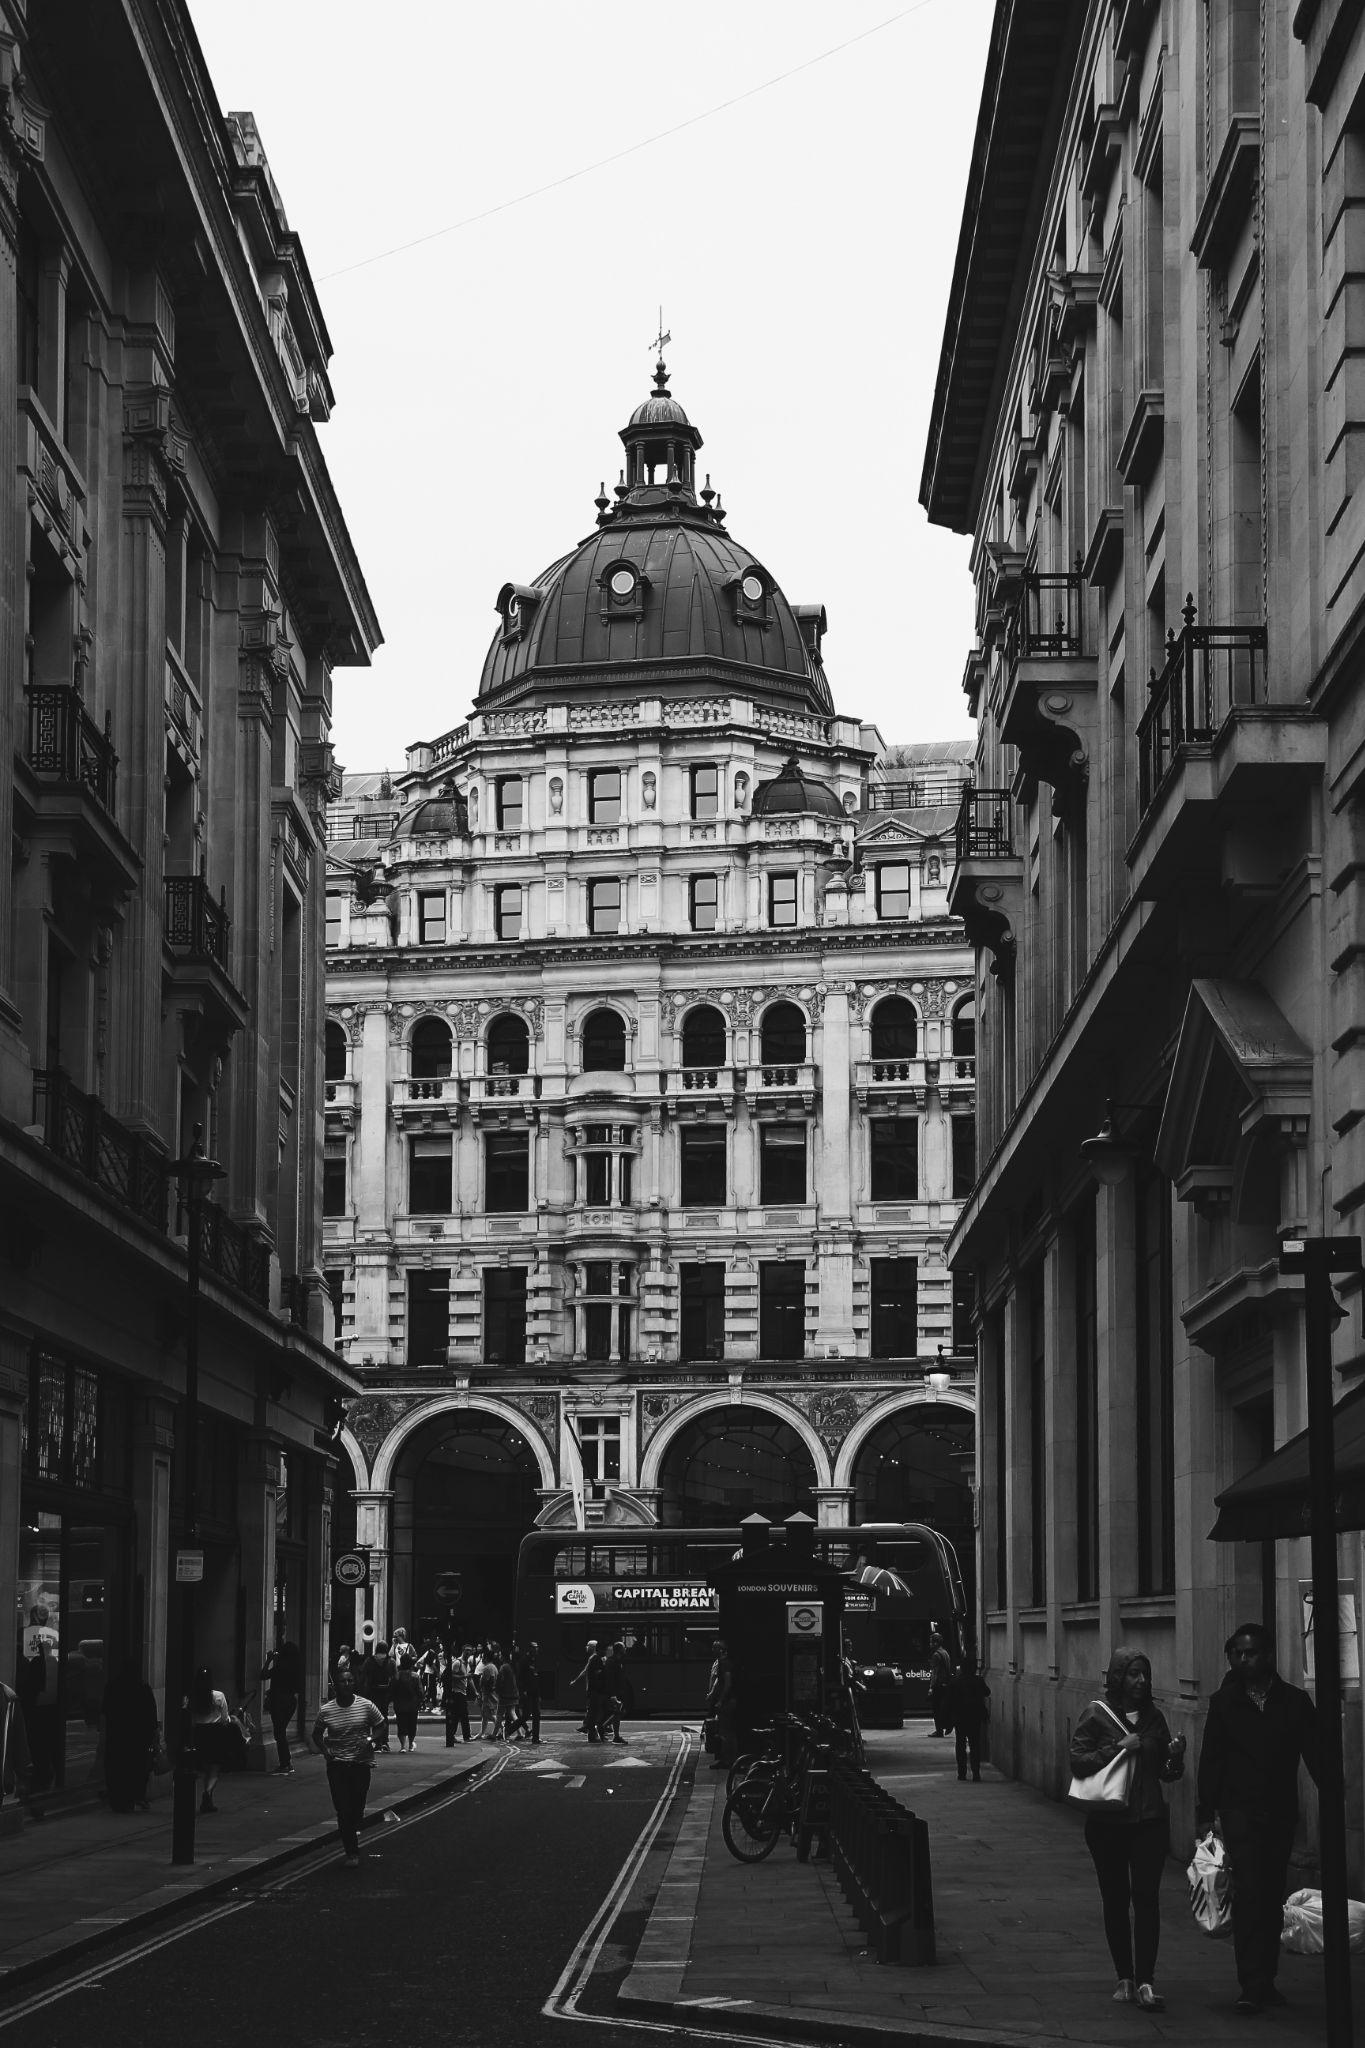 Londra, zona Oxford Street